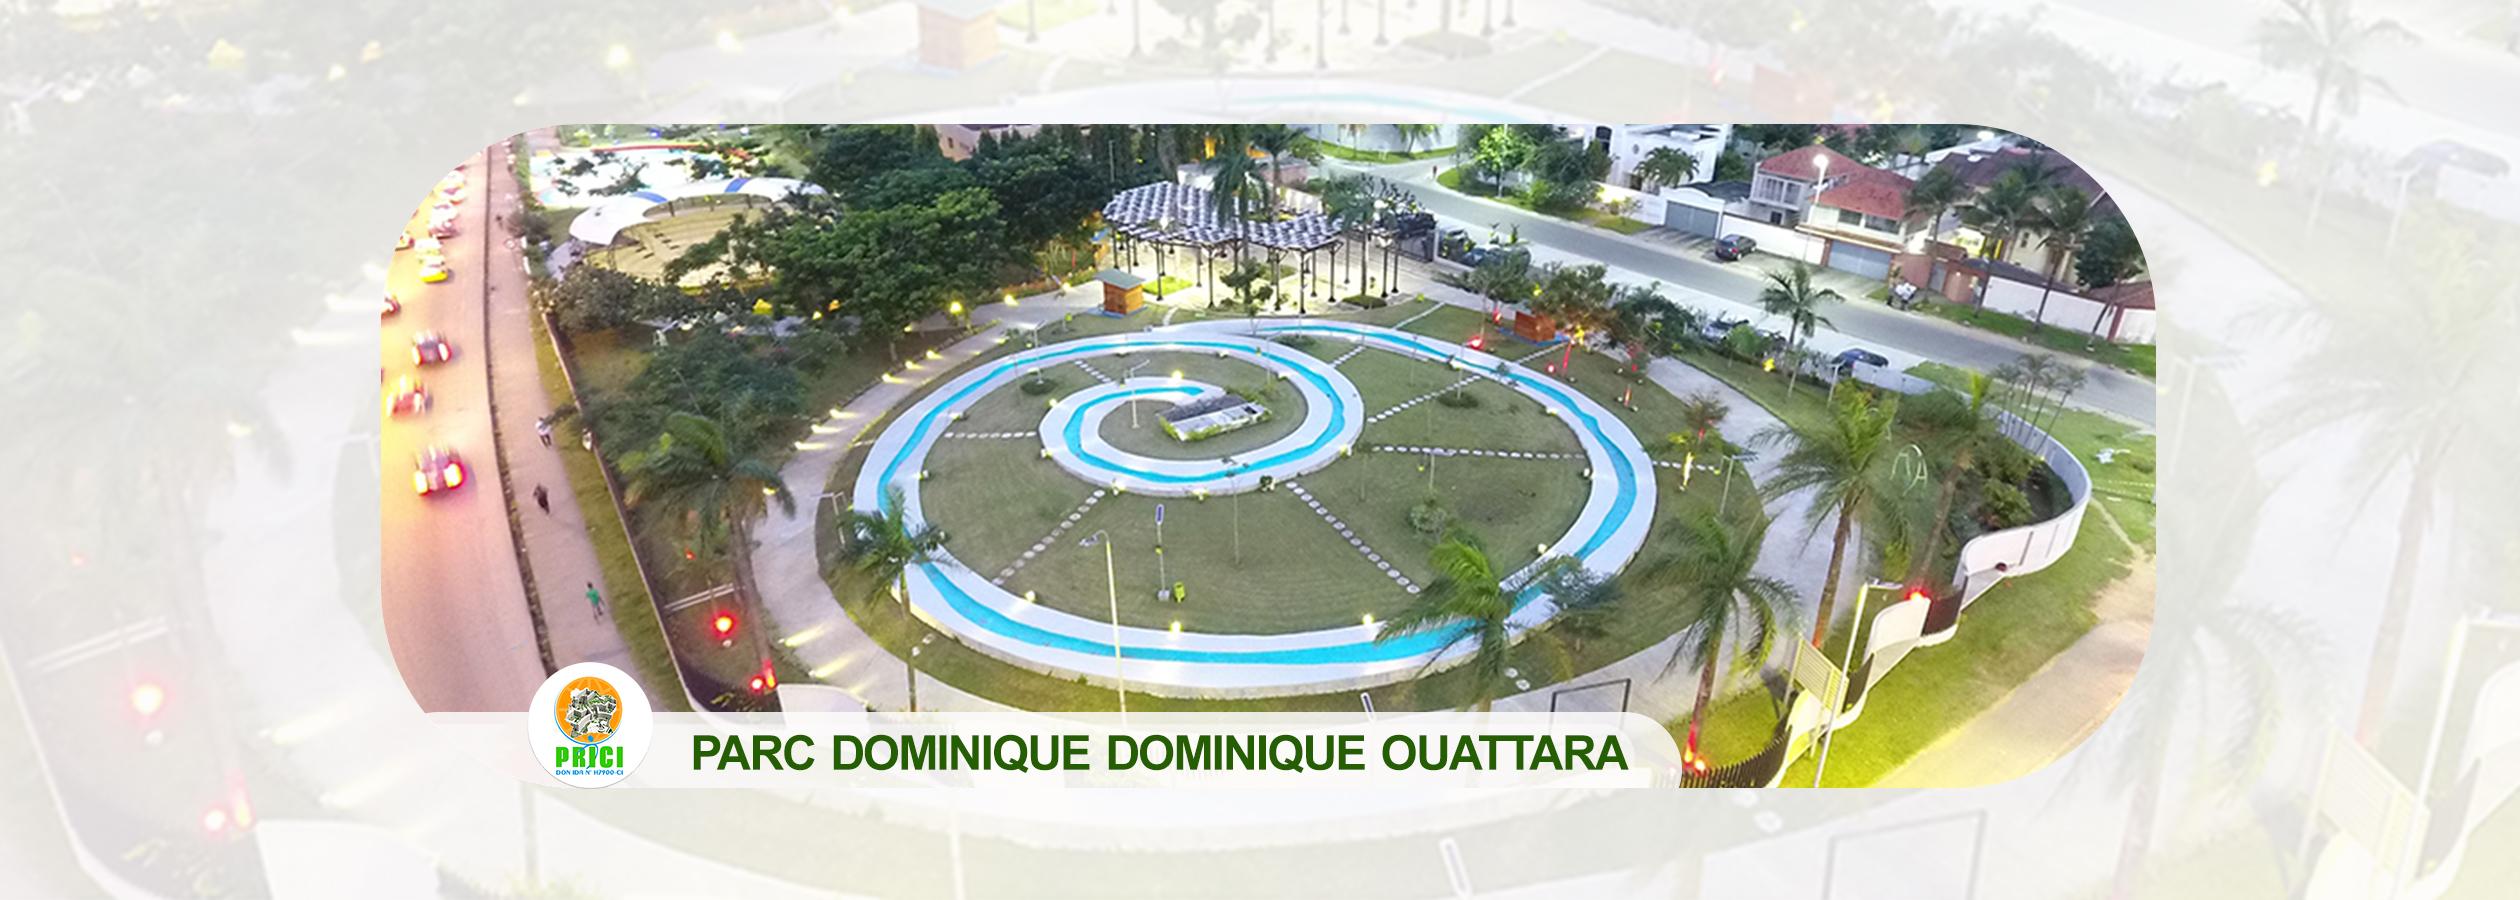 Banniere-Parc